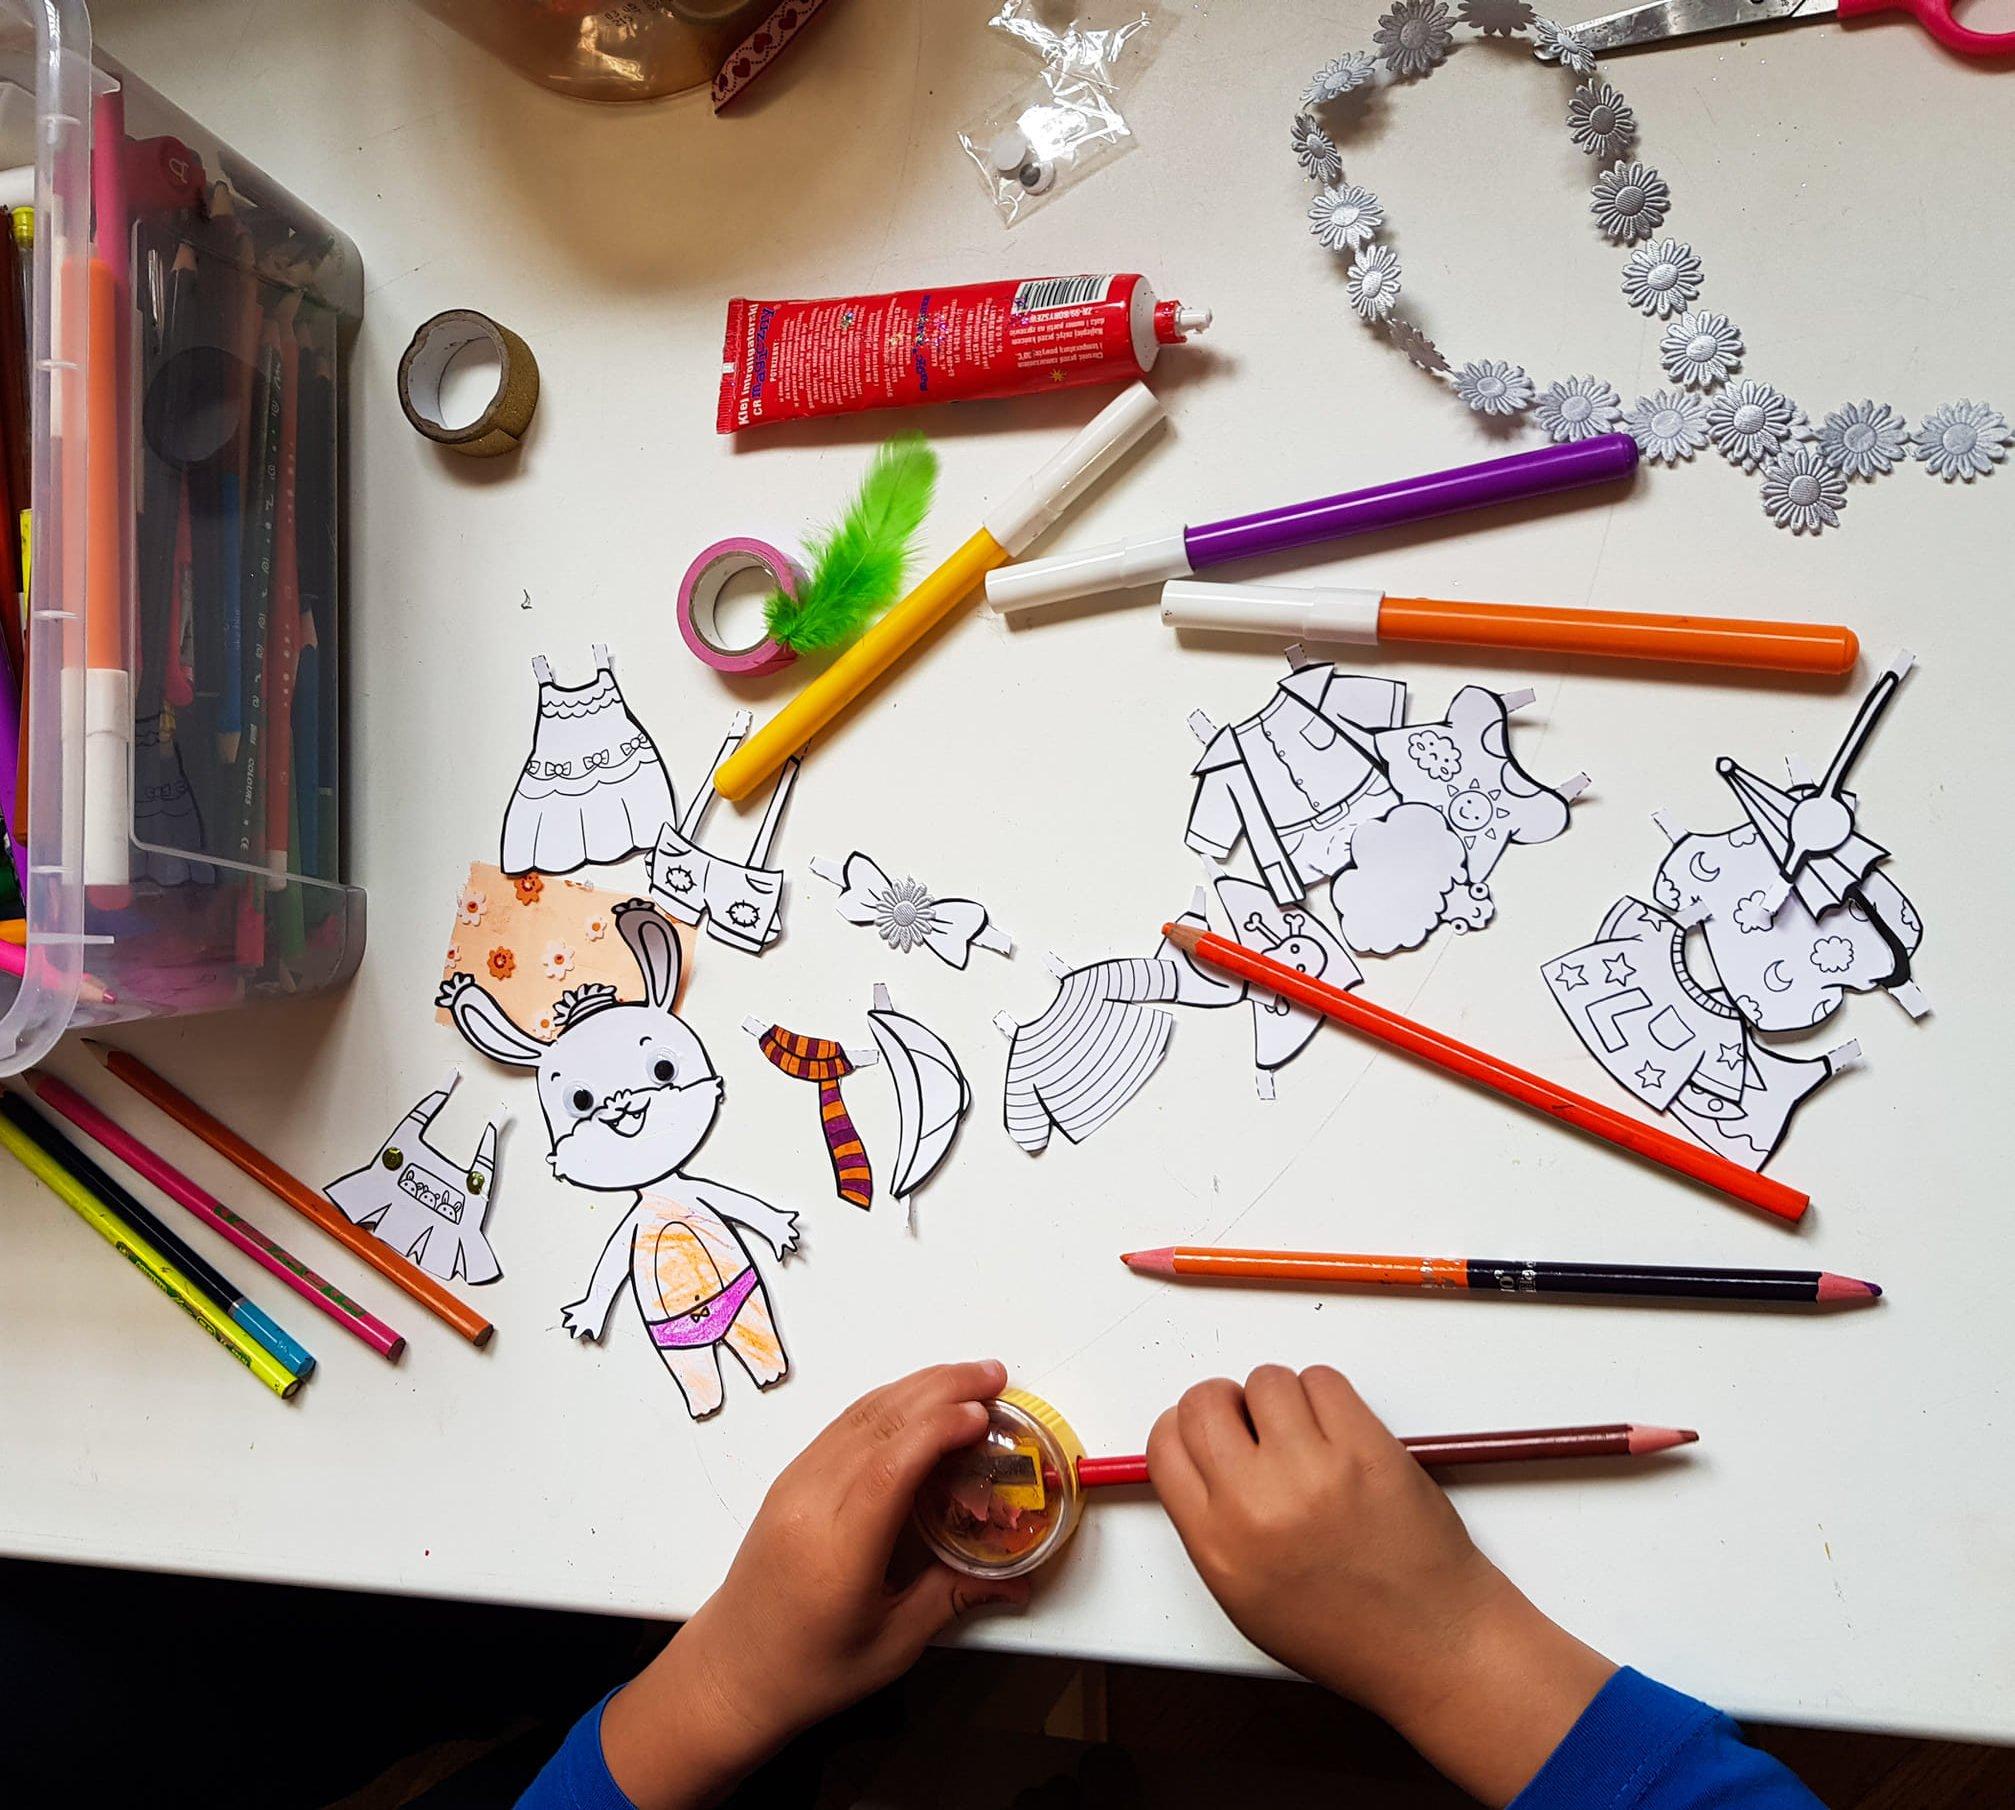 Zajęcia artystyczne dla dzieci w wieku 3+